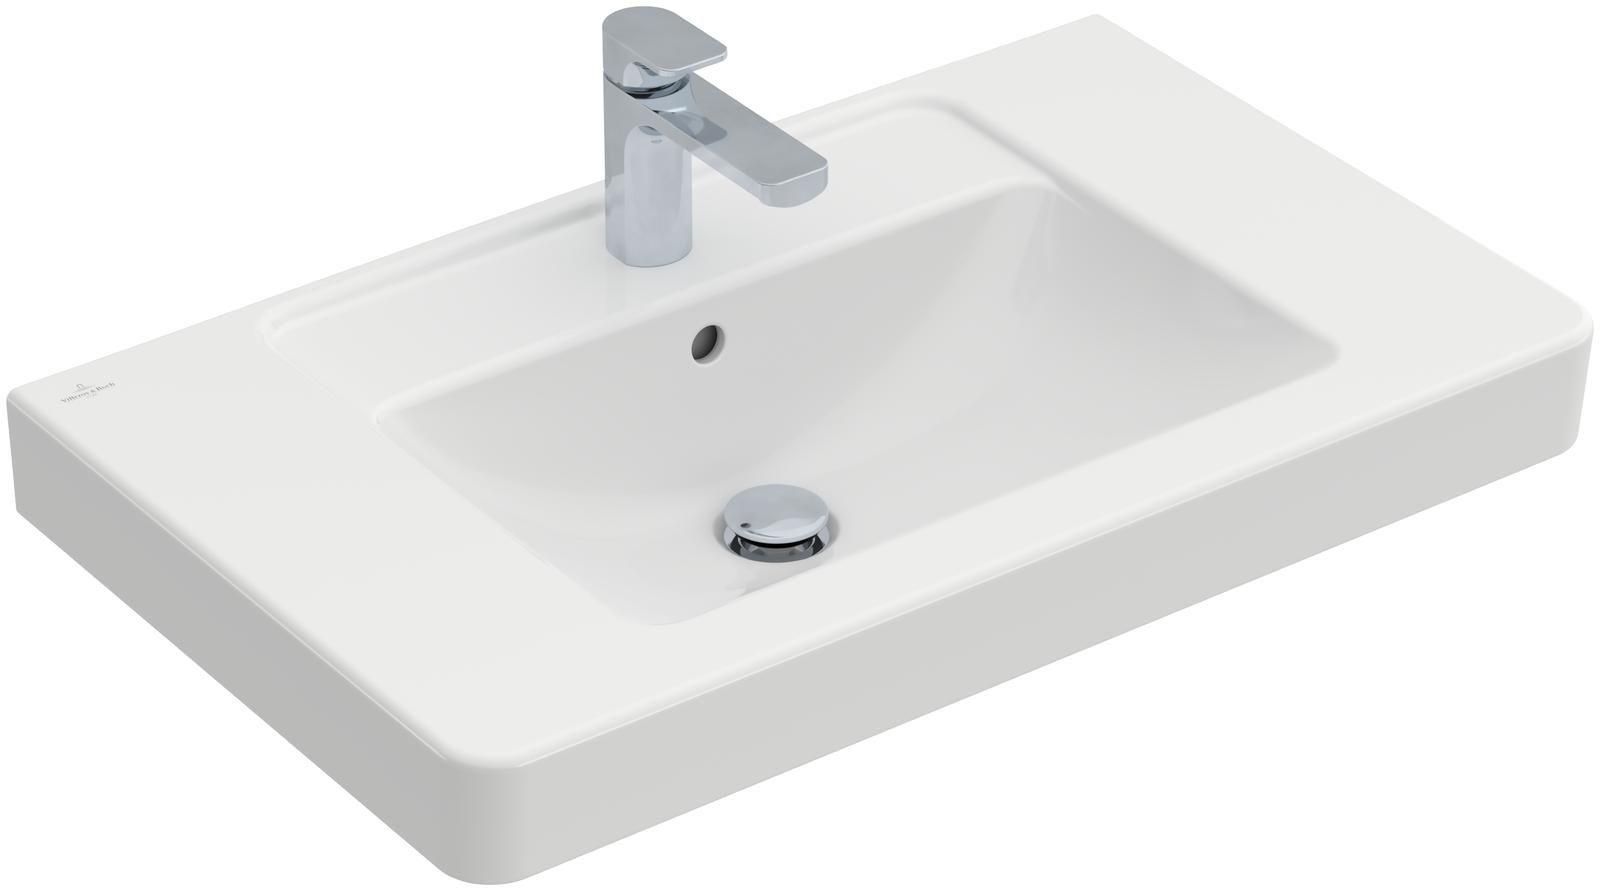 Villeroy & Boch Architectura Möbelwaschtisch B:80xT:48,5cm 1 Hahnloch mit Überlauf weiß 61168001